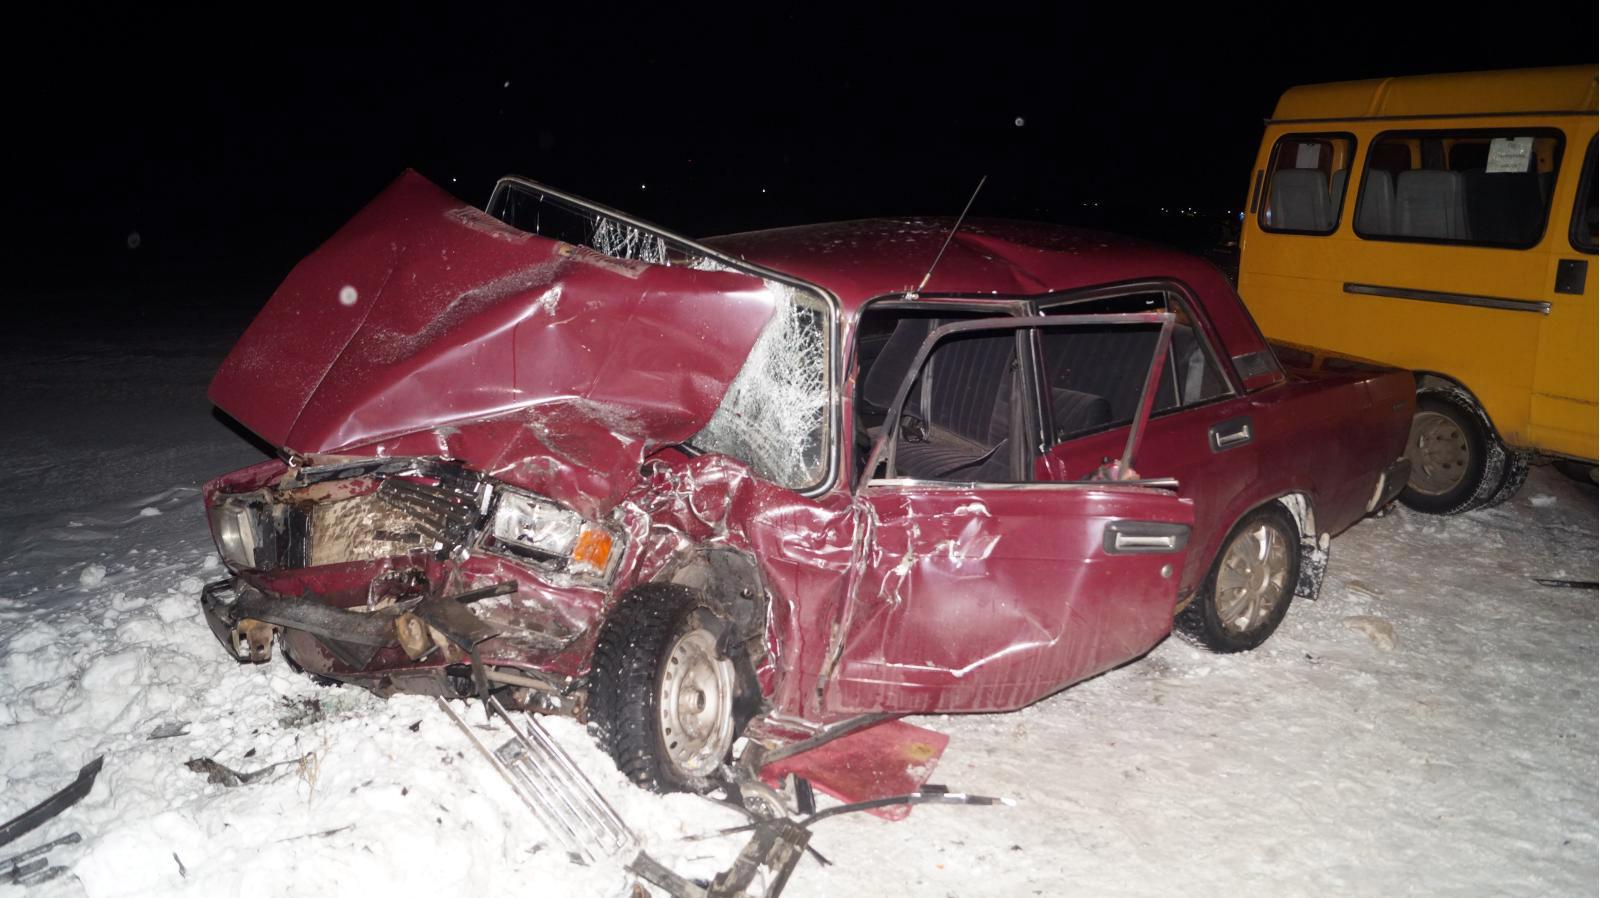 ВМичуринском районе «ГАЗель» врезалась в«семерку»: пострадали оба водителя